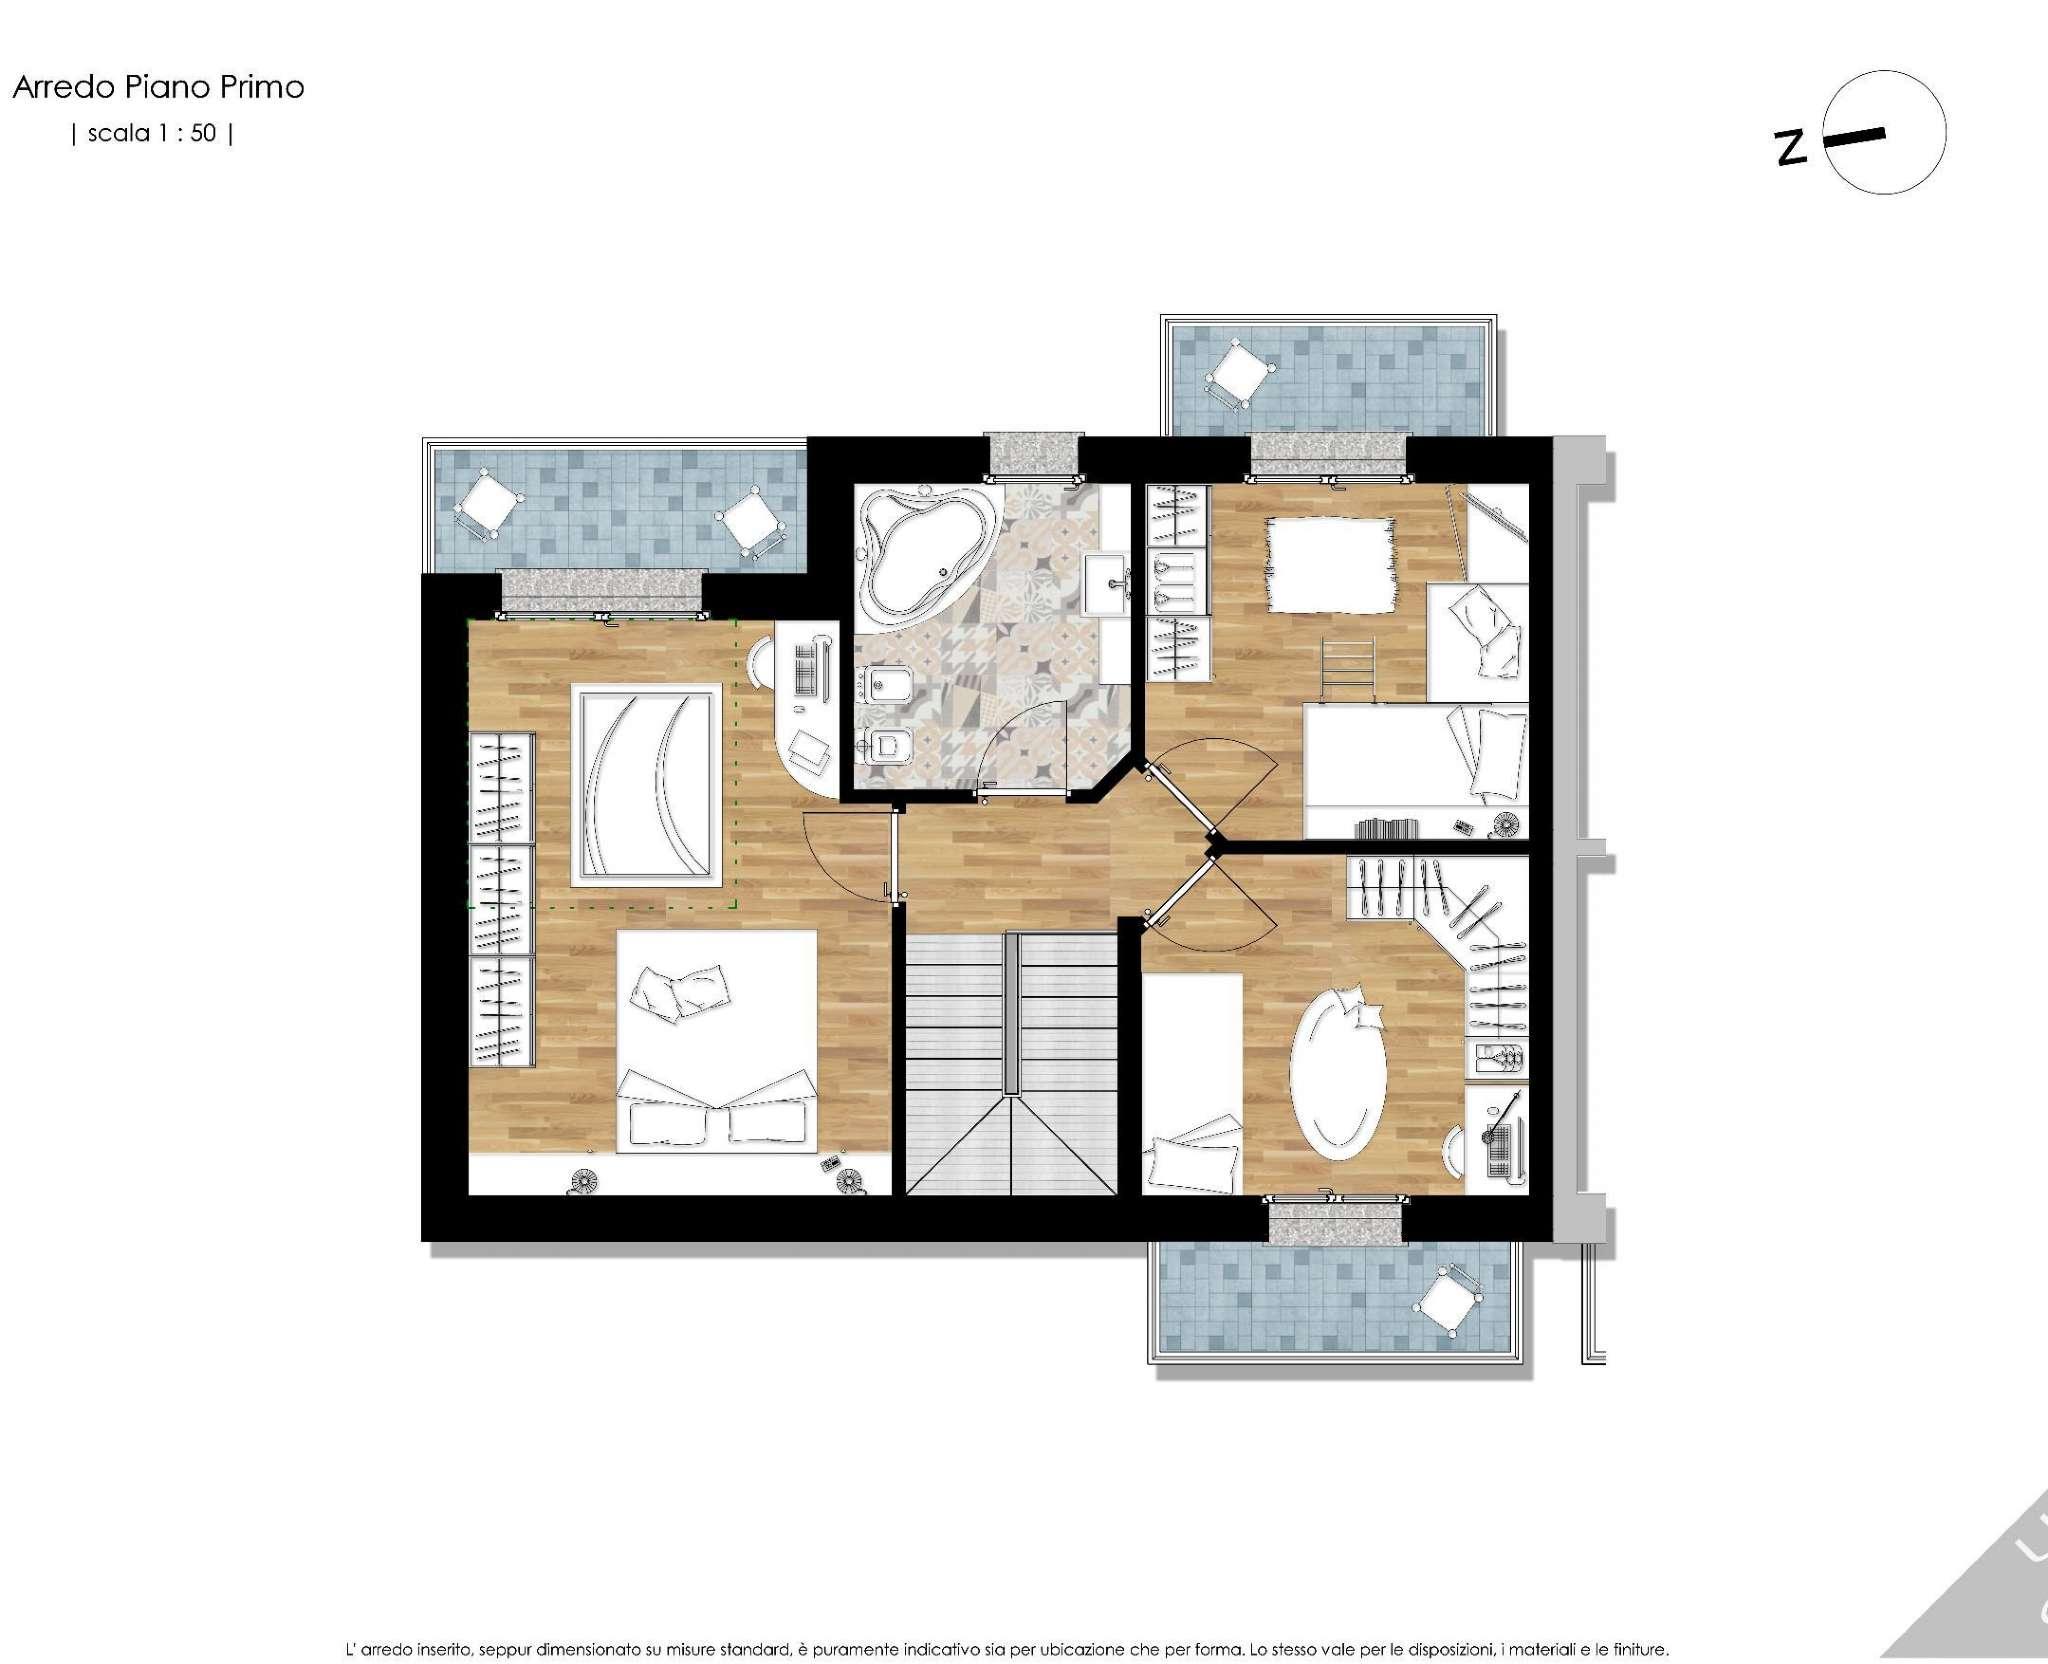 Villa Bifamiliare in vendita a Gerenzano, 4 locali, prezzo € 300.000 | CambioCasa.it